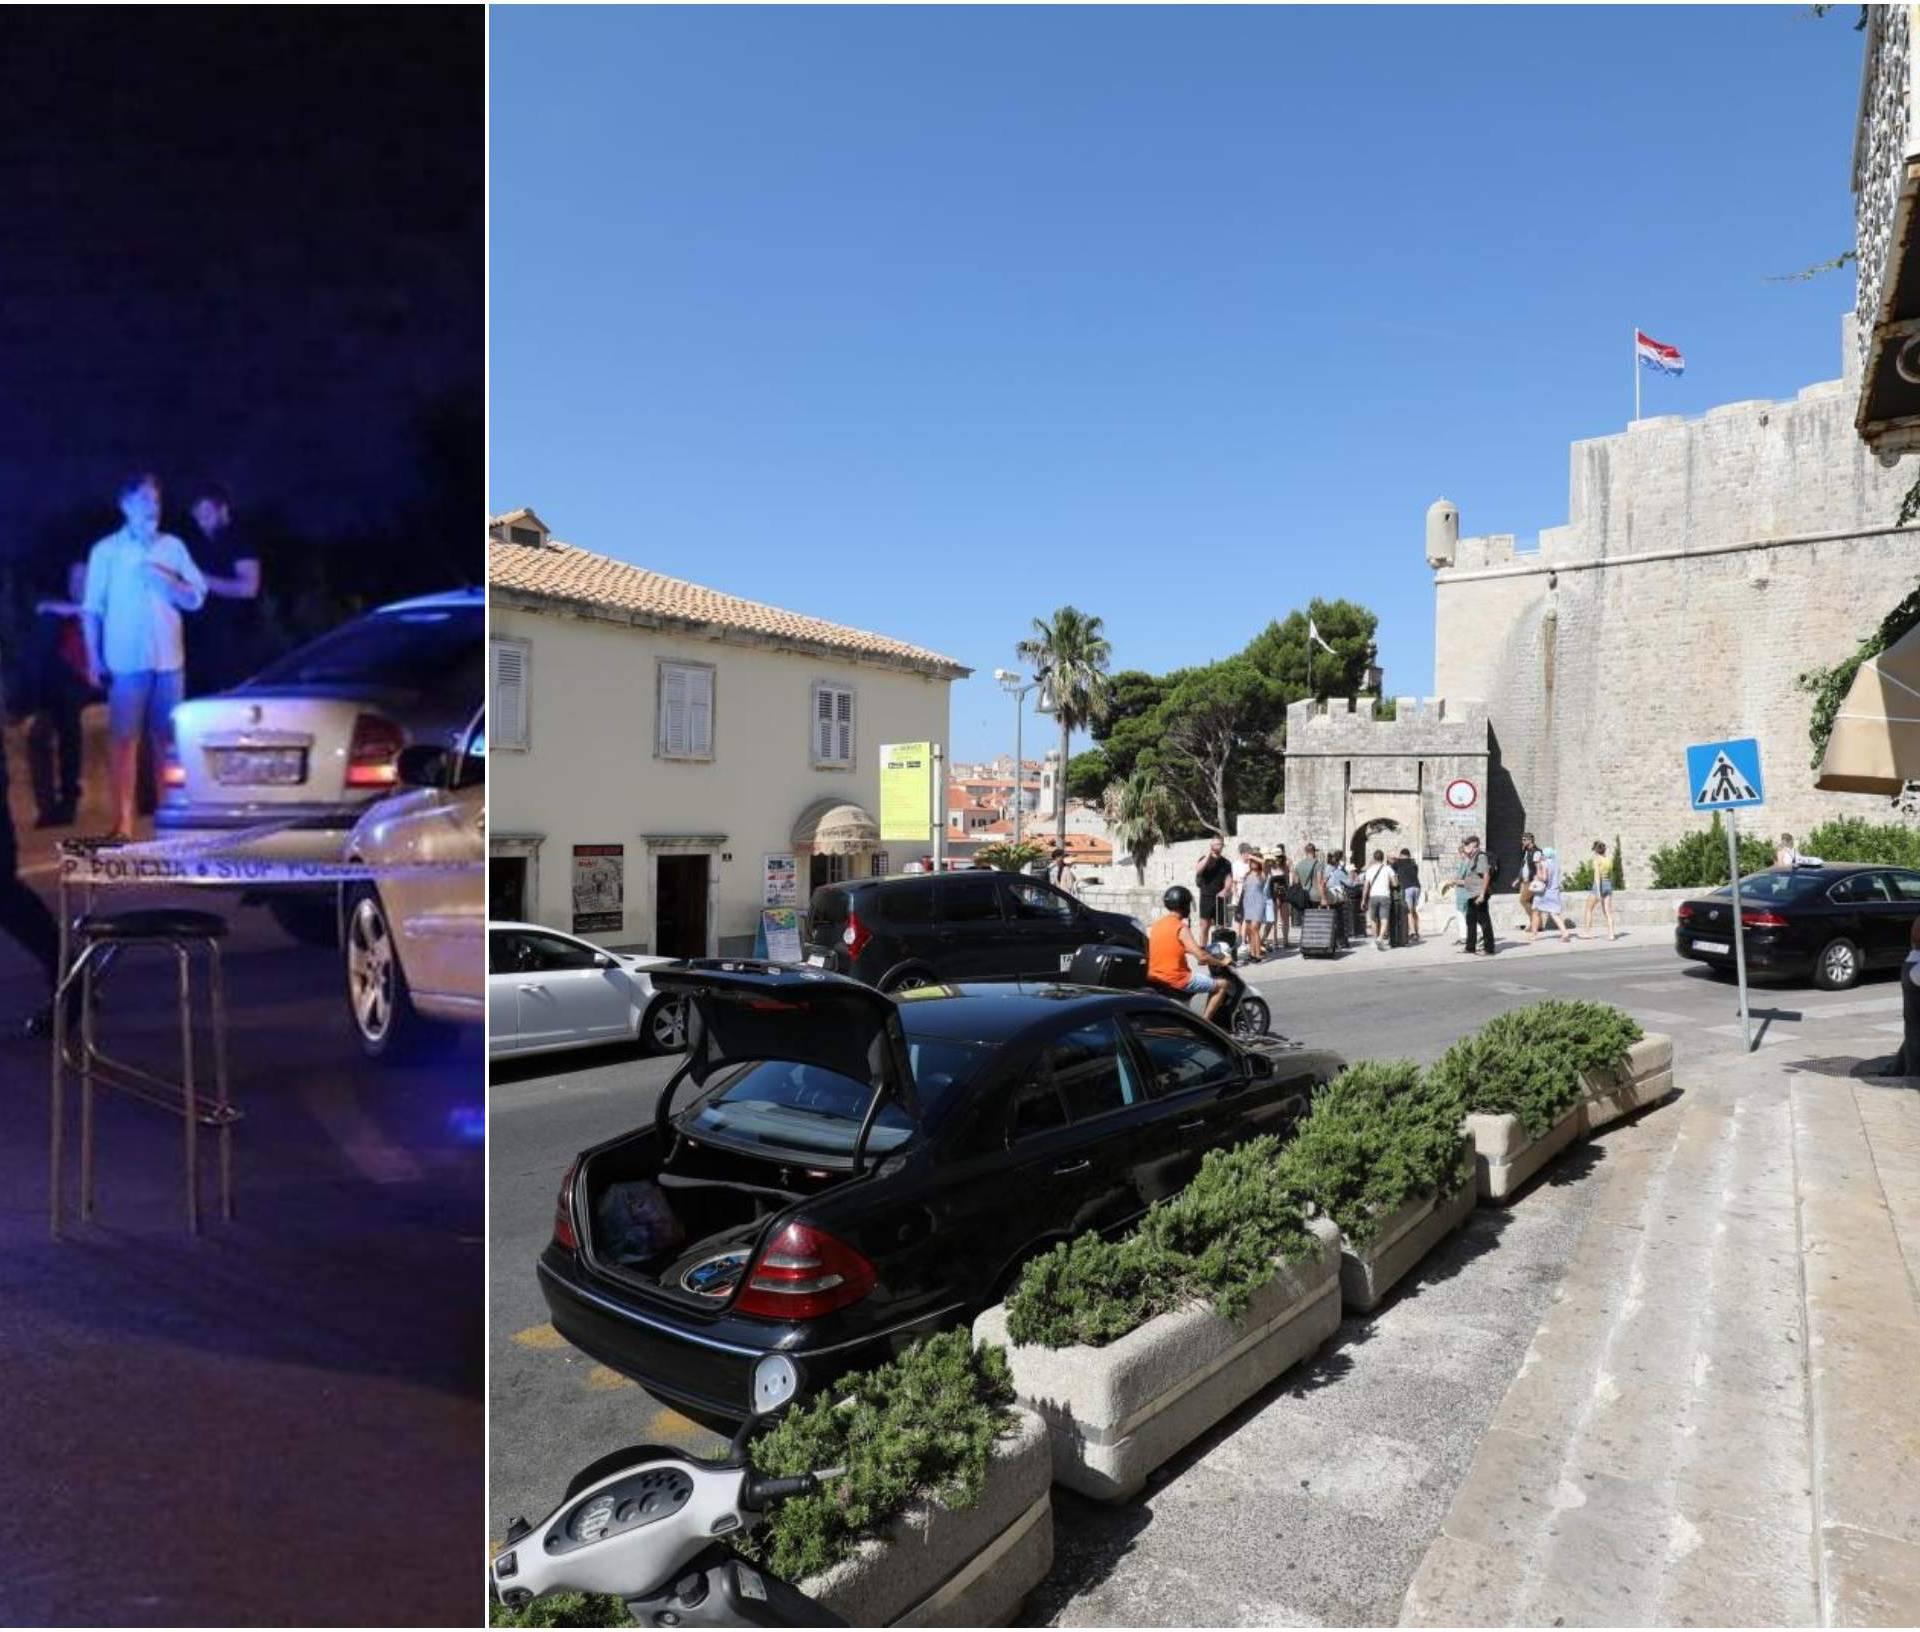 Svjedok napada na taksista: 'Izvadili su nož pa zapucali'